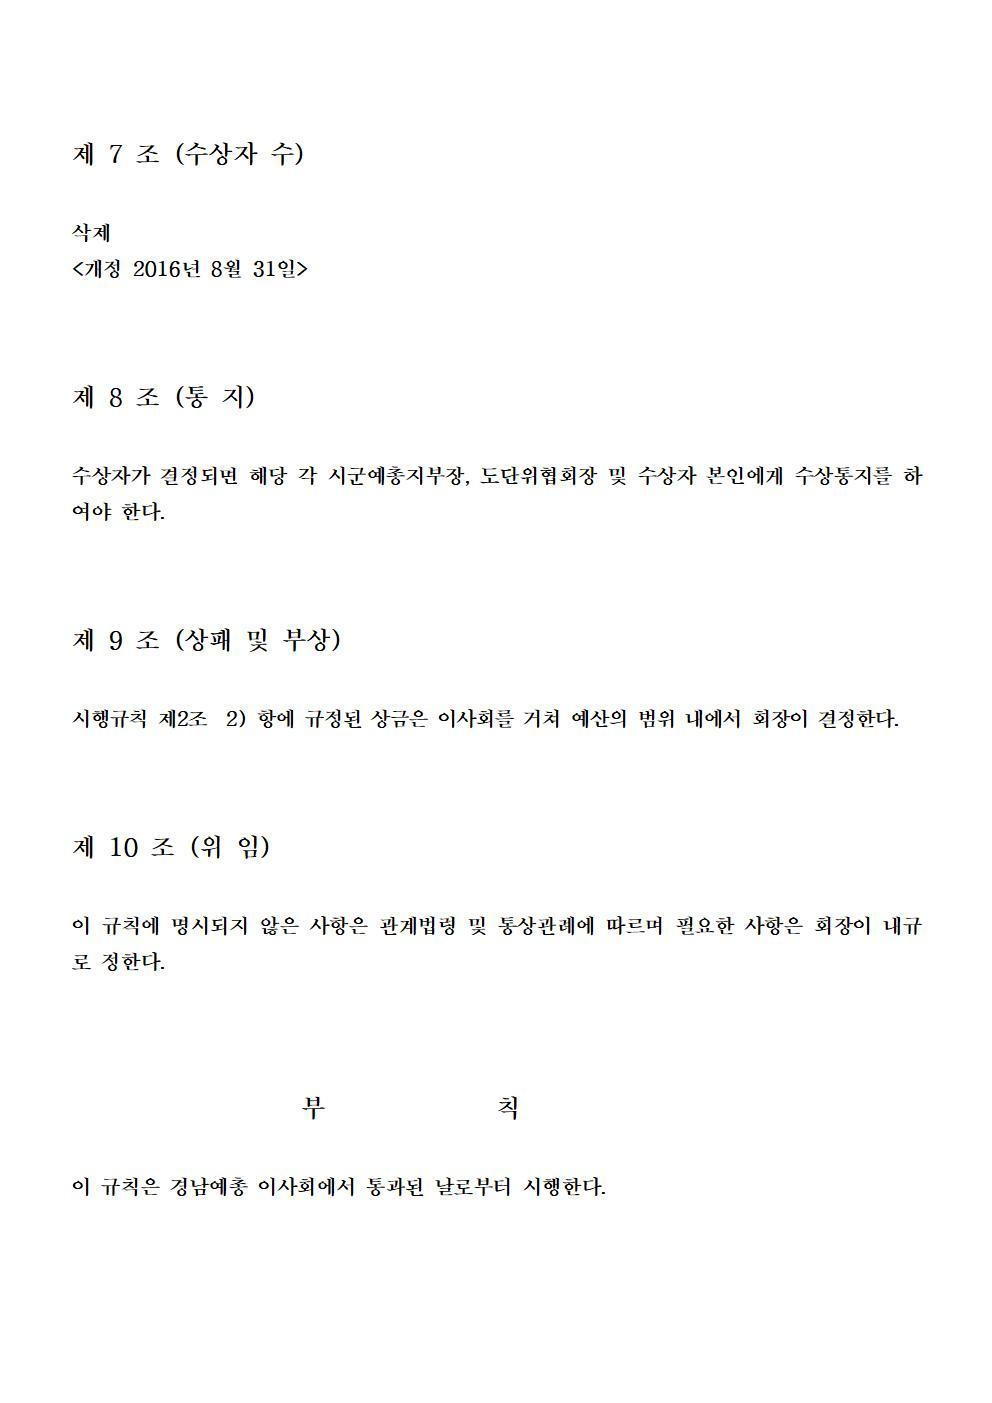 경남예술인상 시행규칙 개정(20160831)004.jpg